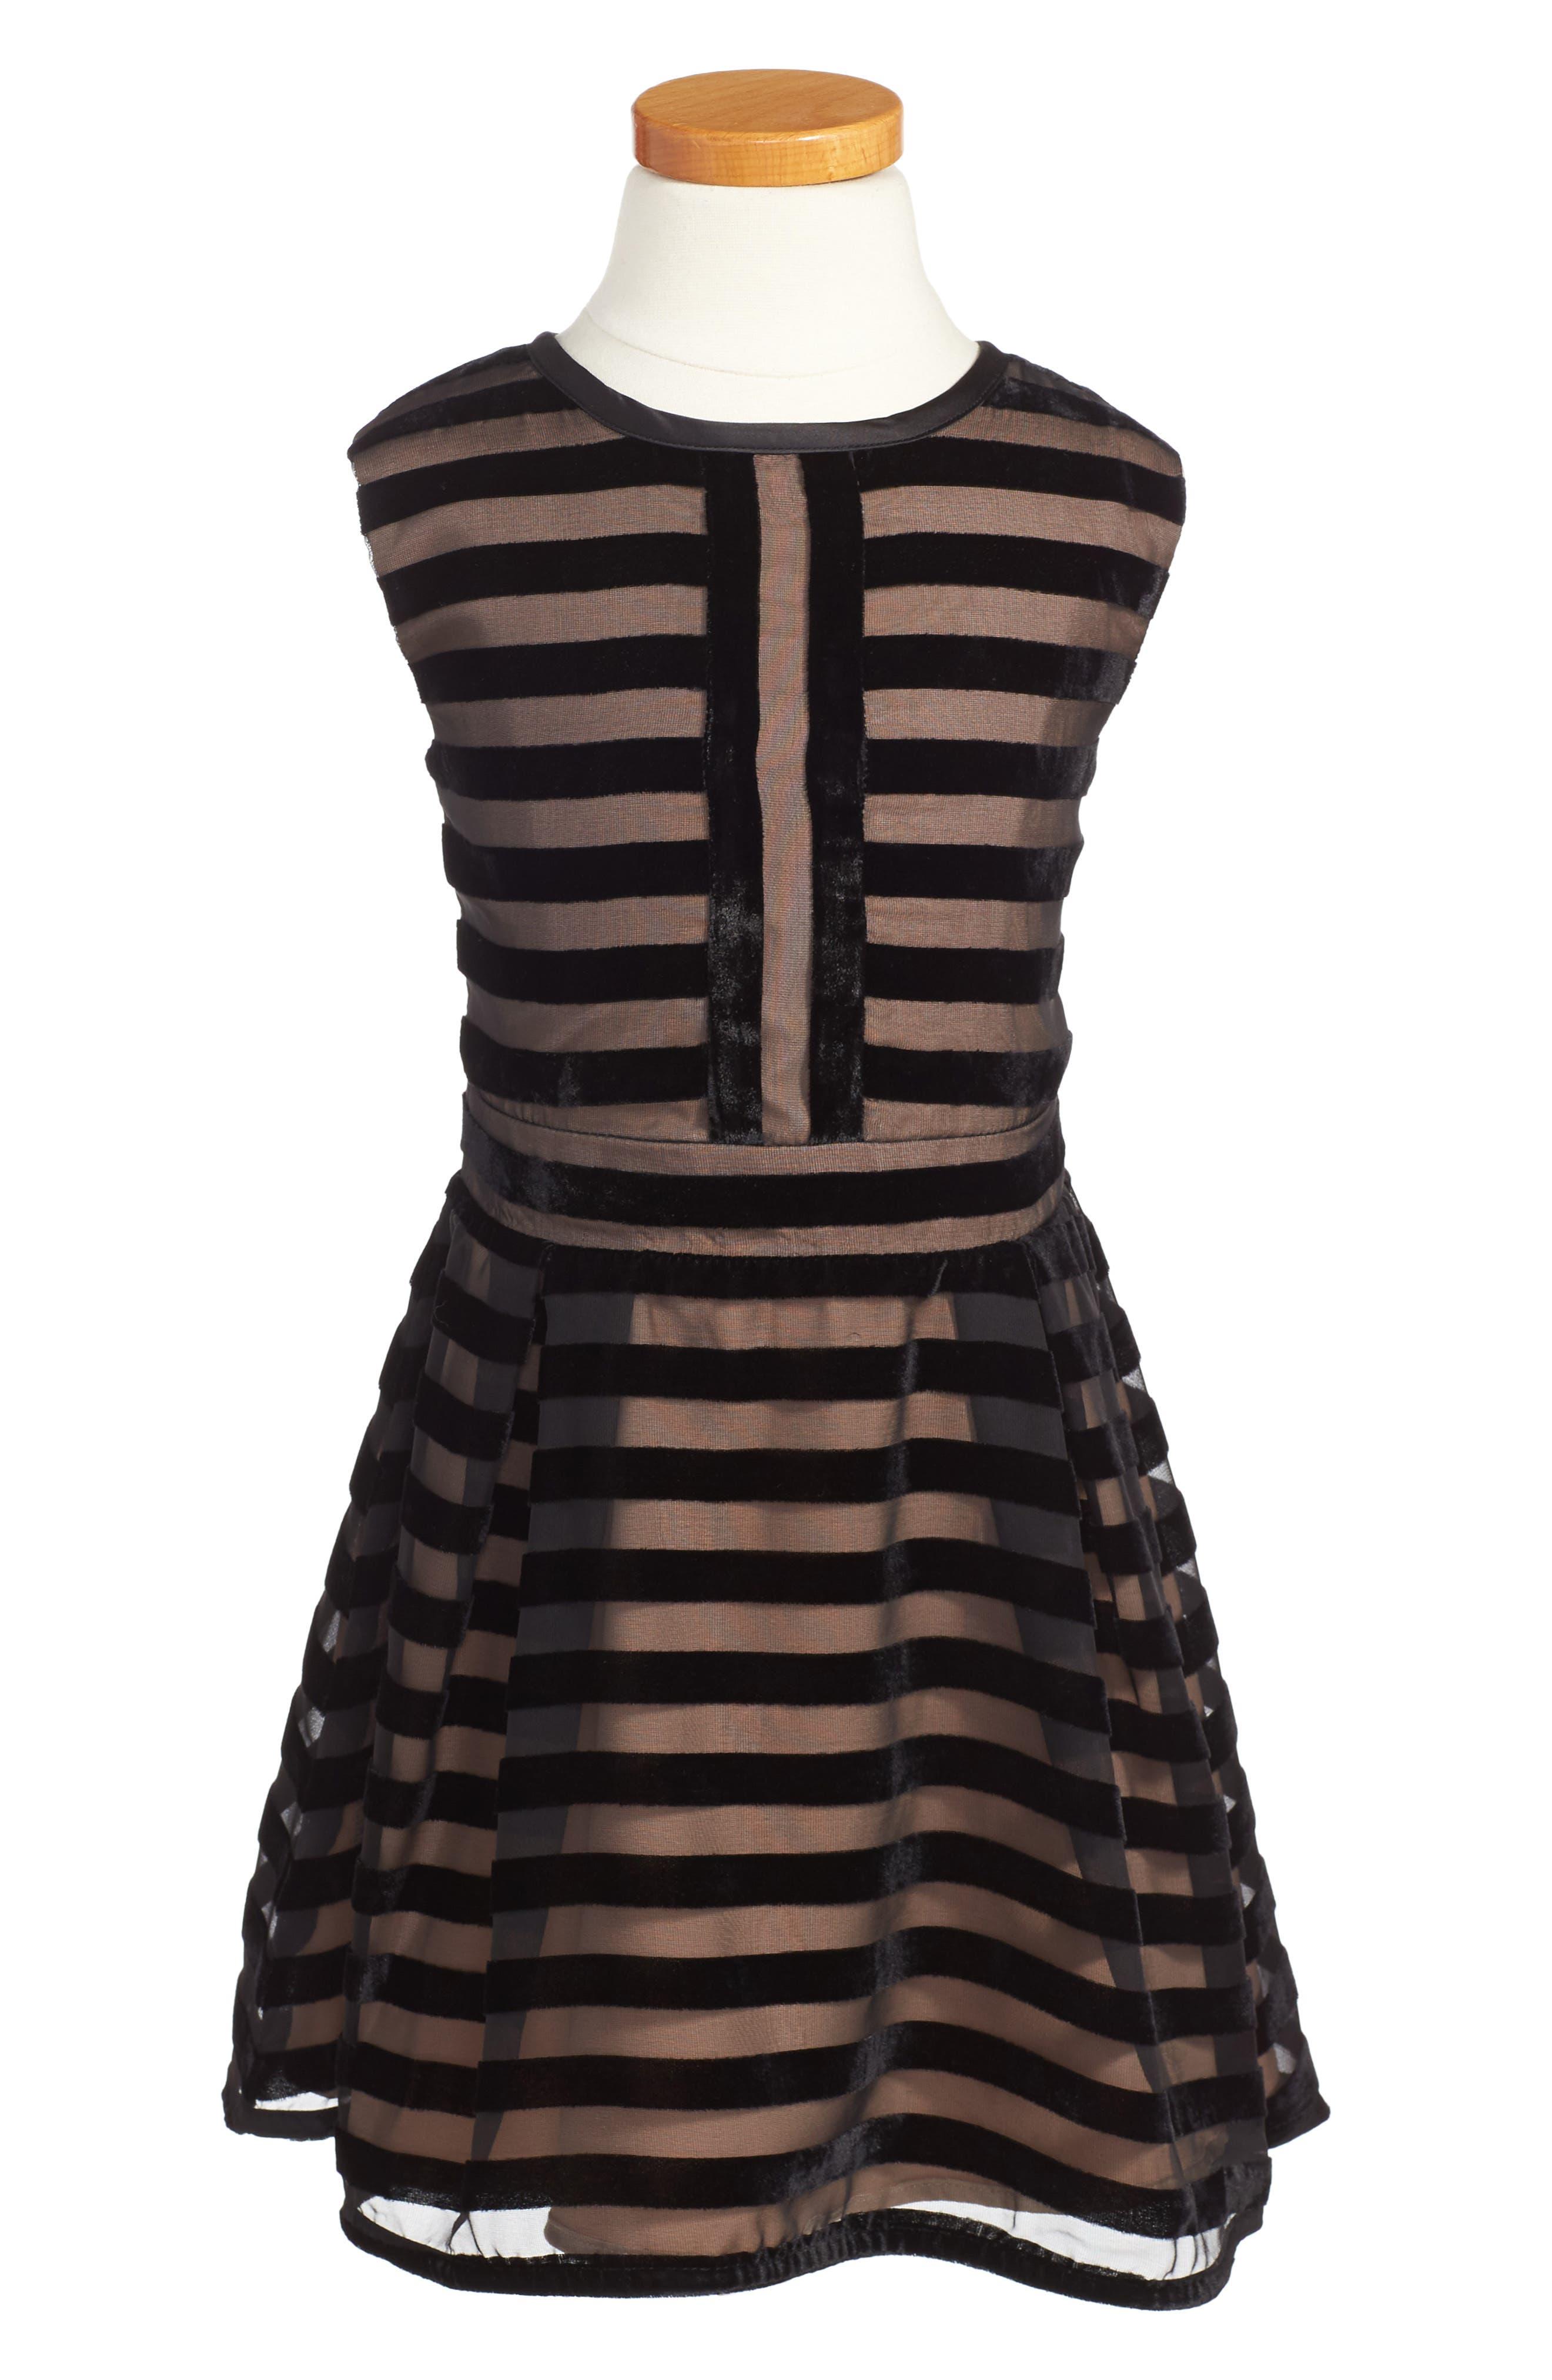 Alternate Image 1 Selected - Bardot Junior Linear Stripe Dress (Toddler Girls & Little Girls)